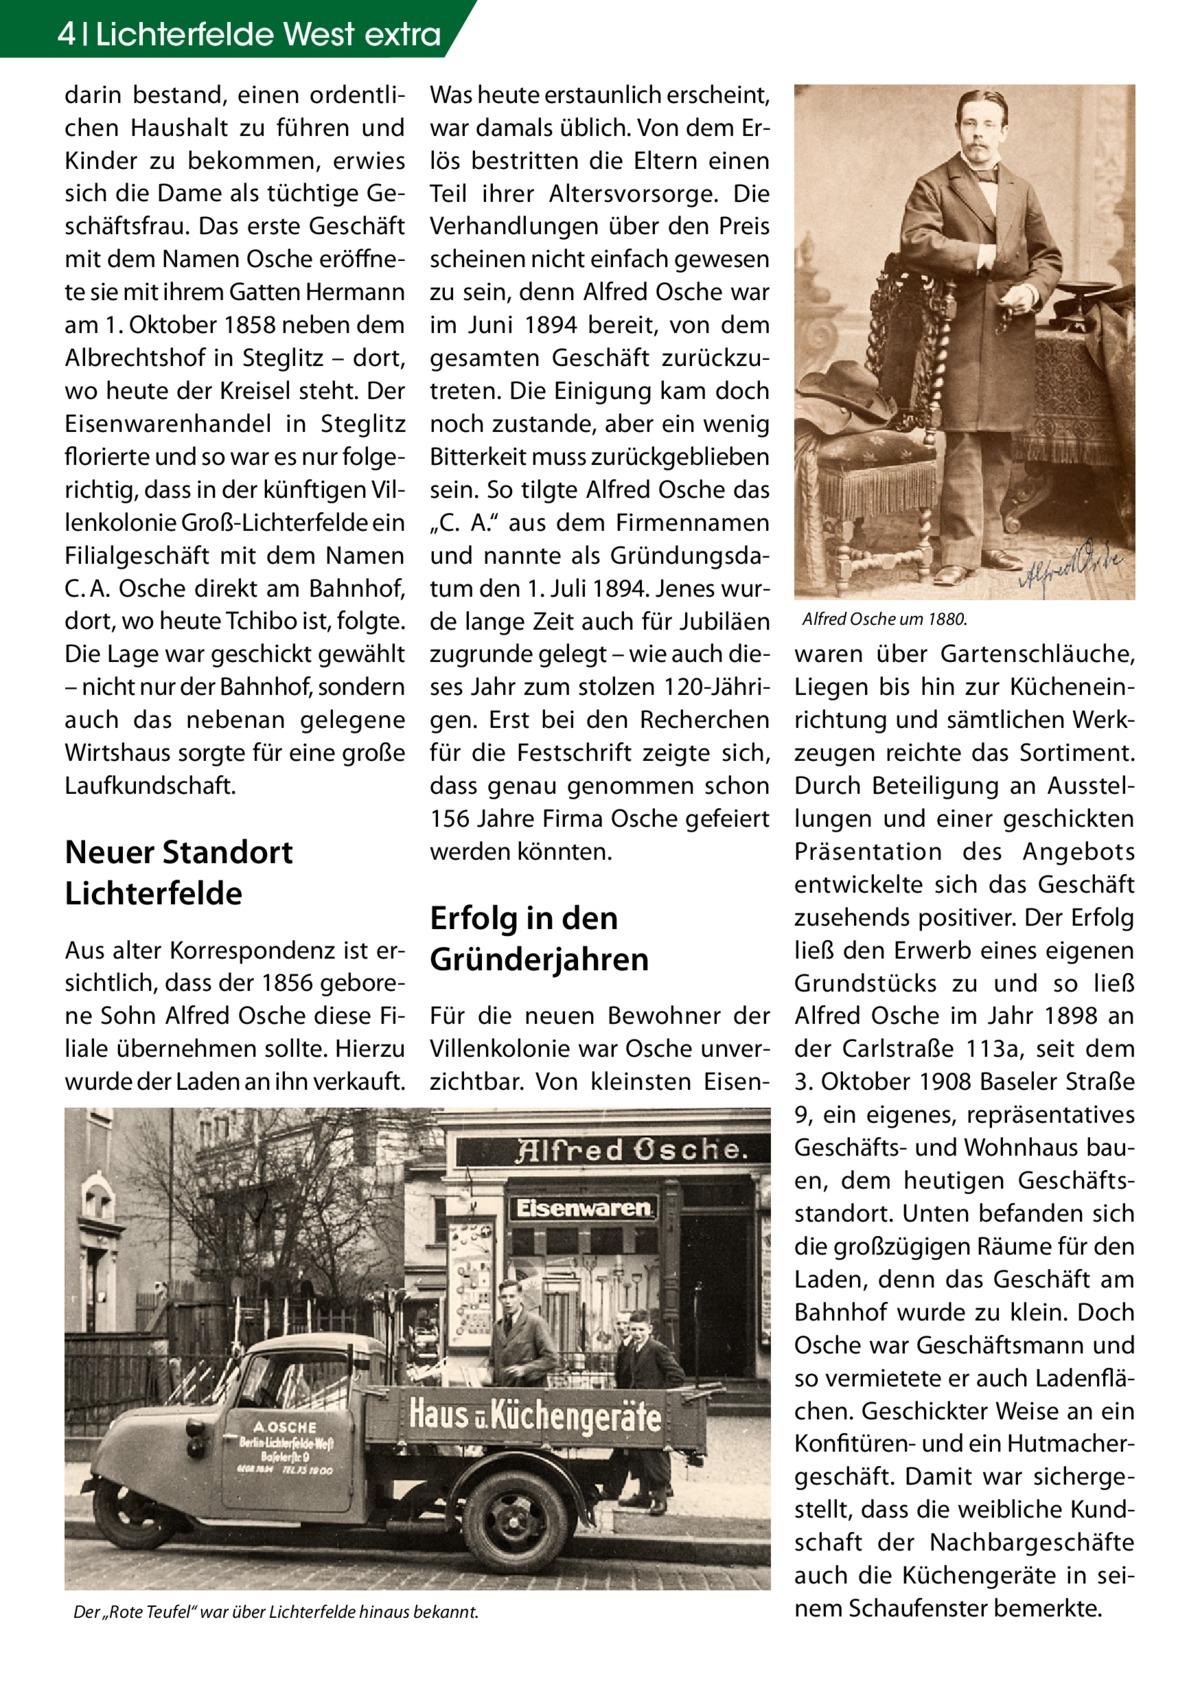 """4 Lichterfelde West extra darin bestand, einen ordentlichen Haushalt zu führen und Kinder zu bekommen, erwies sich die Dame als tüchtige Geschäftsfrau. Das erste Geschäft mit dem Namen Osche eröffnete sie mit ihrem Gatten Hermann am 1. Oktober 1858 neben dem Albrechtshof in Steglitz – dort, wo heute der Kreisel steht. Der Eisenwarenhandel in Steglitz florierte und so war es nur folgerichtig, dass in der künftigen Villenkolonie Groß-Lichterfelde ein Filialgeschäft mit dem Namen C.A. Osche direkt am Bahnhof, dort, wo heute Tchibo ist, folgte. Die Lage war geschickt gewählt – nicht nur der Bahnhof, sondern auch das nebenan gelegene Wirtshaus sorgte für eine große Laufkundschaft.  Was heute erstaunlich erscheint, war damals üblich. Von dem Erlös bestritten die Eltern einen Teil ihrer Altersvorsorge. Die Verhandlungen über den Preis scheinen nicht einfach gewesen zu sein, denn Alfred Osche war im Juni 1894 bereit, von dem gesamten Geschäft zurückzutreten. Die Einigung kam doch noch zustande, aber ein wenig Bitterkeit muss zurückgeblieben sein. So tilgte Alfred Osche das """"C. A."""" aus dem Firmennamen und nannte als Gründungsdatum den 1. Juli 1894. Jenes wurde lange Zeit auch für Jubiläen zugrunde gelegt – wie auch dieses Jahr zum stolzen 120-Jährigen. Erst bei den Recherchen für die Festschrift zeigte sich, dass genau genommen schon 156 Jahre Firma Osche gefeiert werden könnten.  Alfred Osche um 1880.  waren über Gartenschläuche, Liegen bis hin zur Kücheneinrichtung und sämtlichen Werkzeugen reichte das Sortiment. Durch Beteiligung an Ausstellungen und einer geschickten Präsentation des Angebots Neuer Standort entwickelte sich das Geschäft Lichterfelde zusehends positiver. Der Erfolg Erfolg in den Aus alter Korrespondenz ist er- Gründerjahren ließ den Erwerb eines eigenen sichtlich, dass der 1856 geboreGrundstücks zu und so ließ ne Sohn Alfred Osche diese Fi- Für die neuen Bewohner der Alfred Osche im Jahr 1898 an liale übernehmen sollte. Hierzu Villenkolonie war Osche unve"""